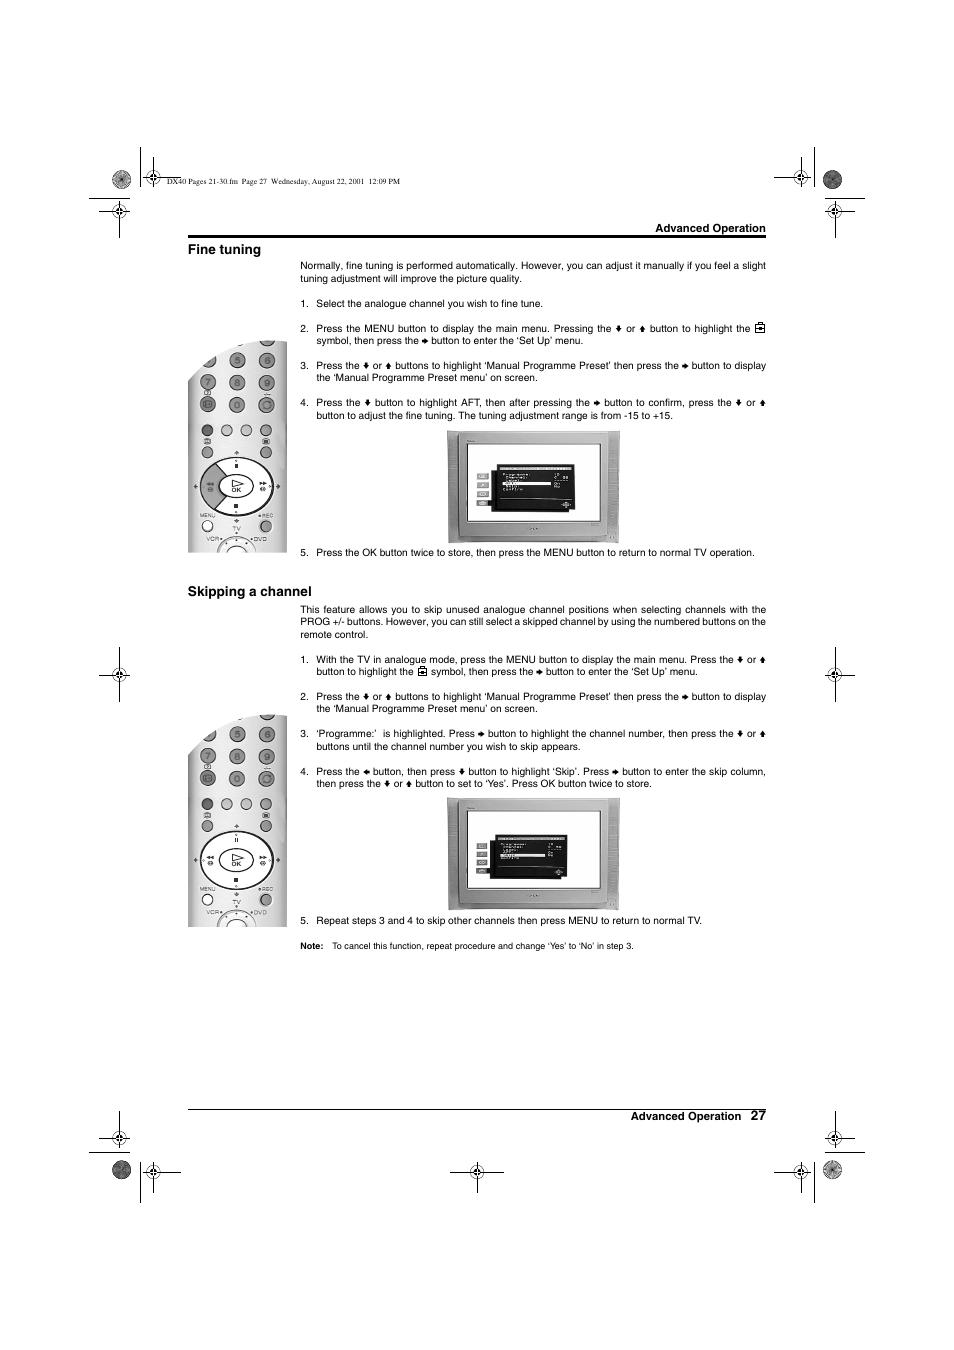 27 fine tuning, Skipping a channel | Sony Trinitron KD